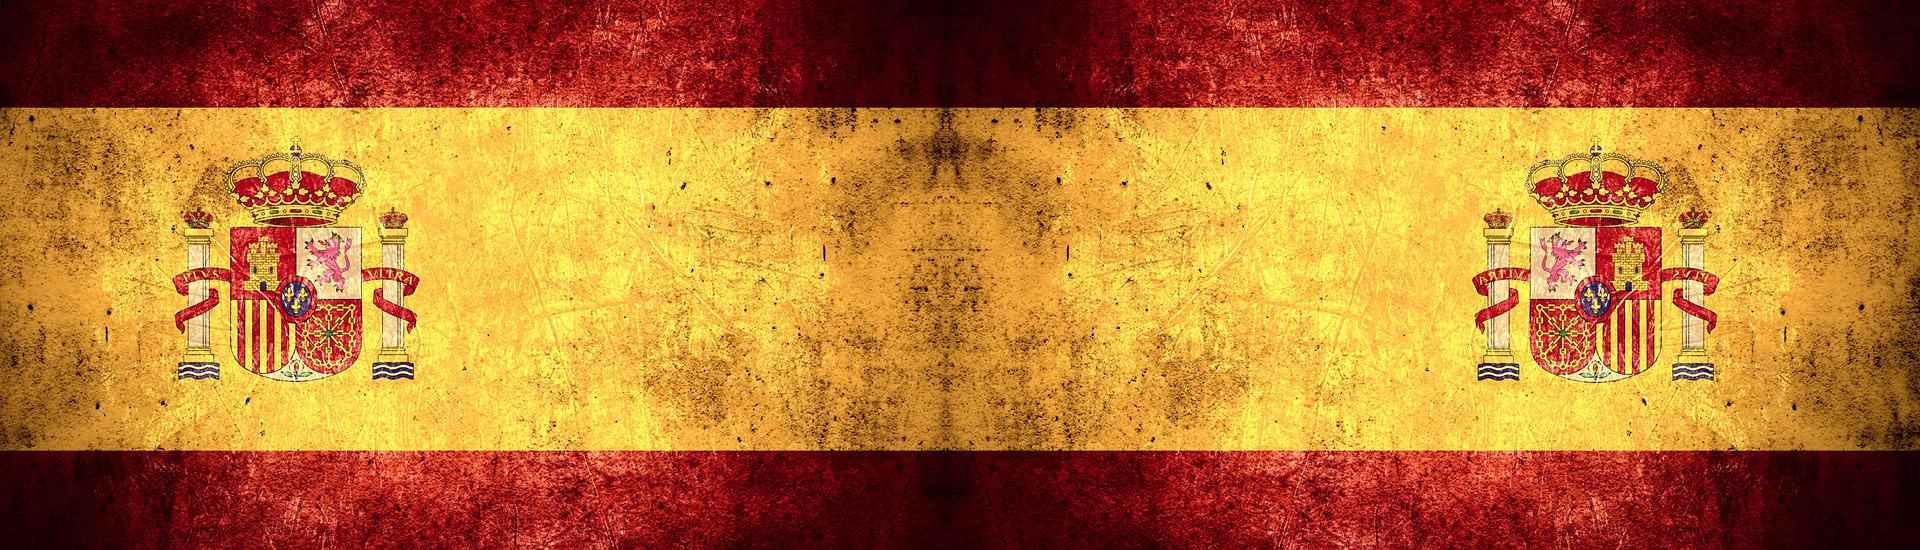 Weine - Auf ALLE lagernden Weine aus Spanien -20% 04/2020 - Slider